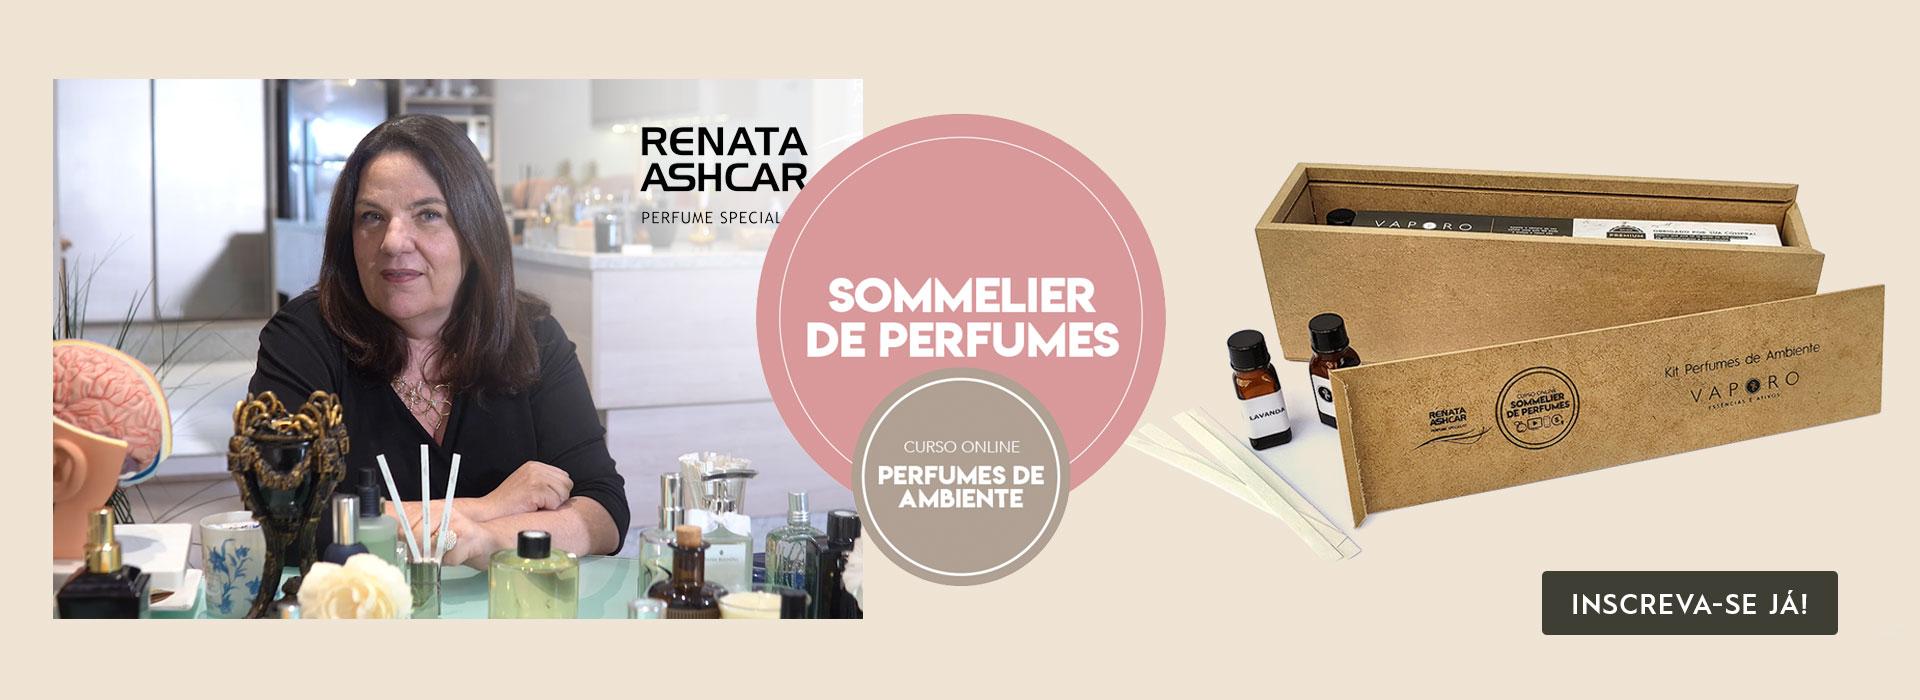 Perfumes de Ambiente - Renata Ashcar